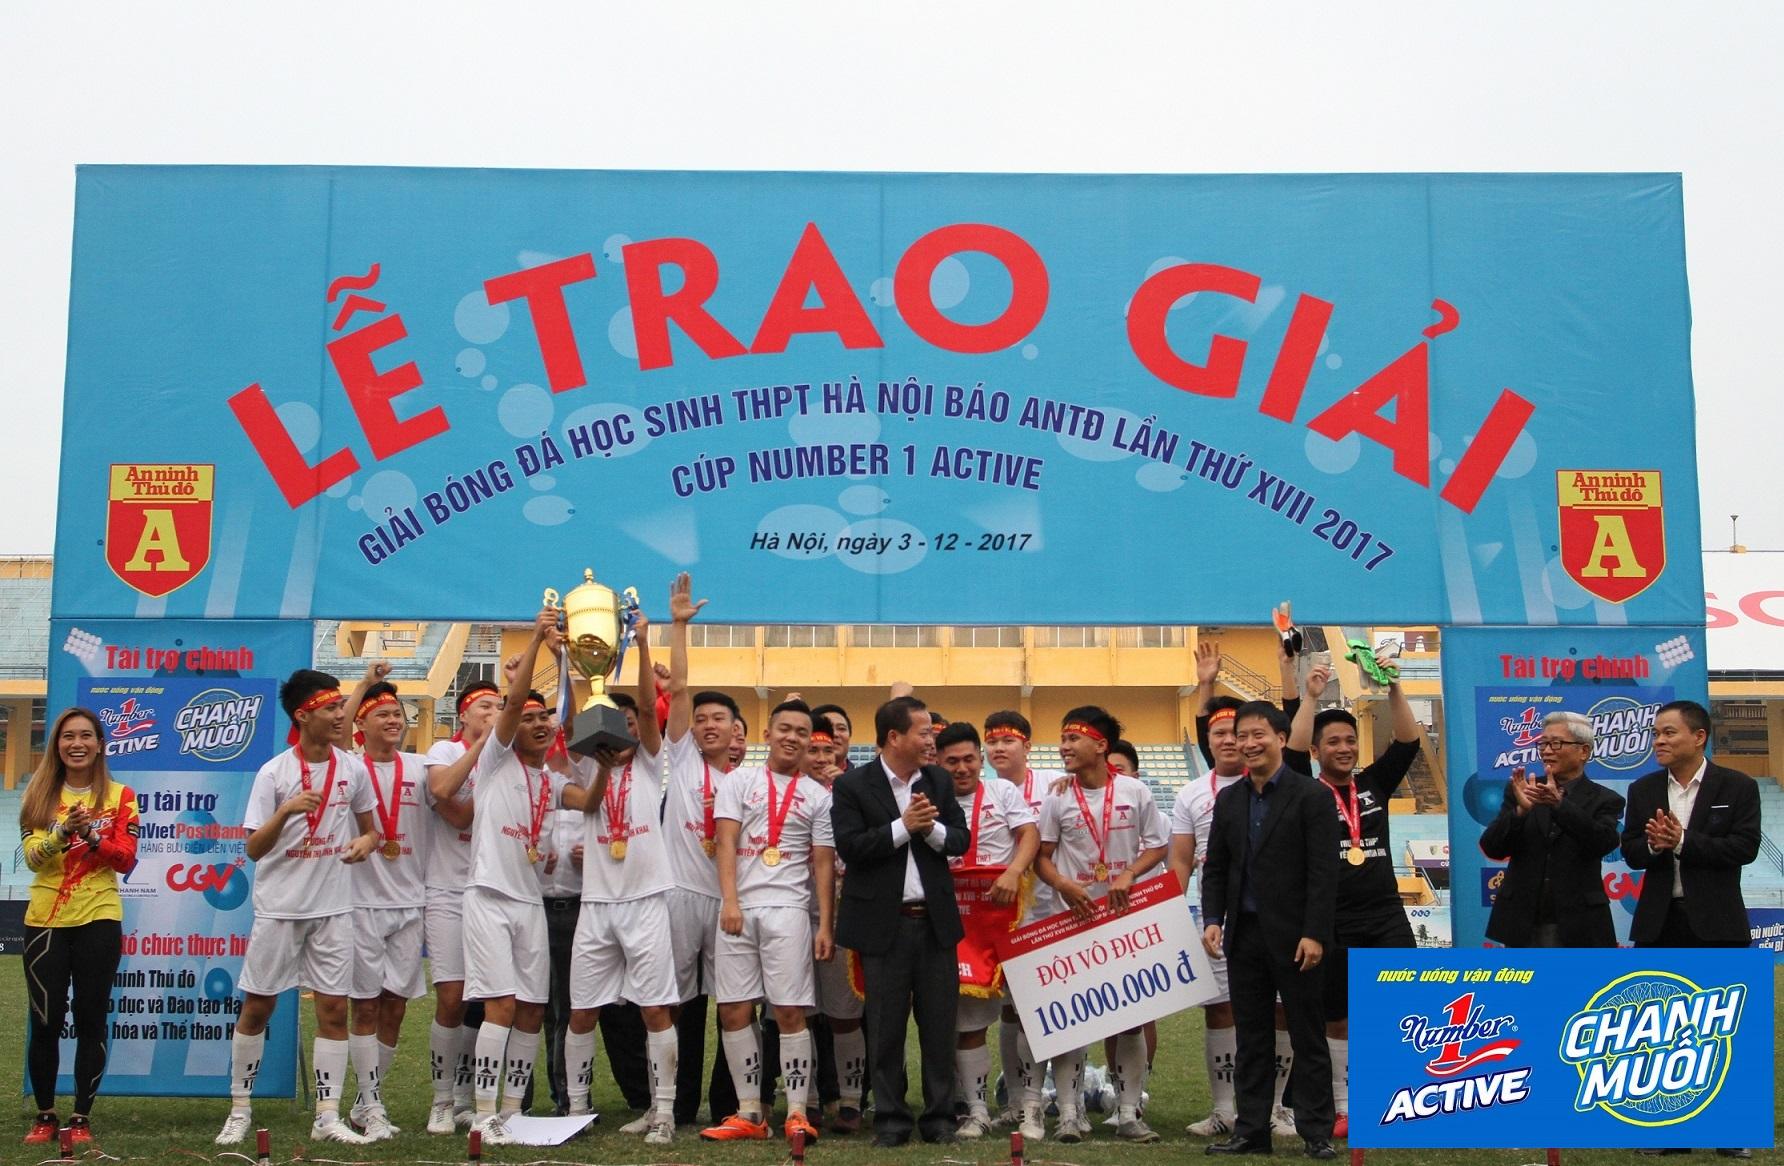 Trận chung kết Giải bóng đá học sinh THPT Hà Nội lần thứ 17